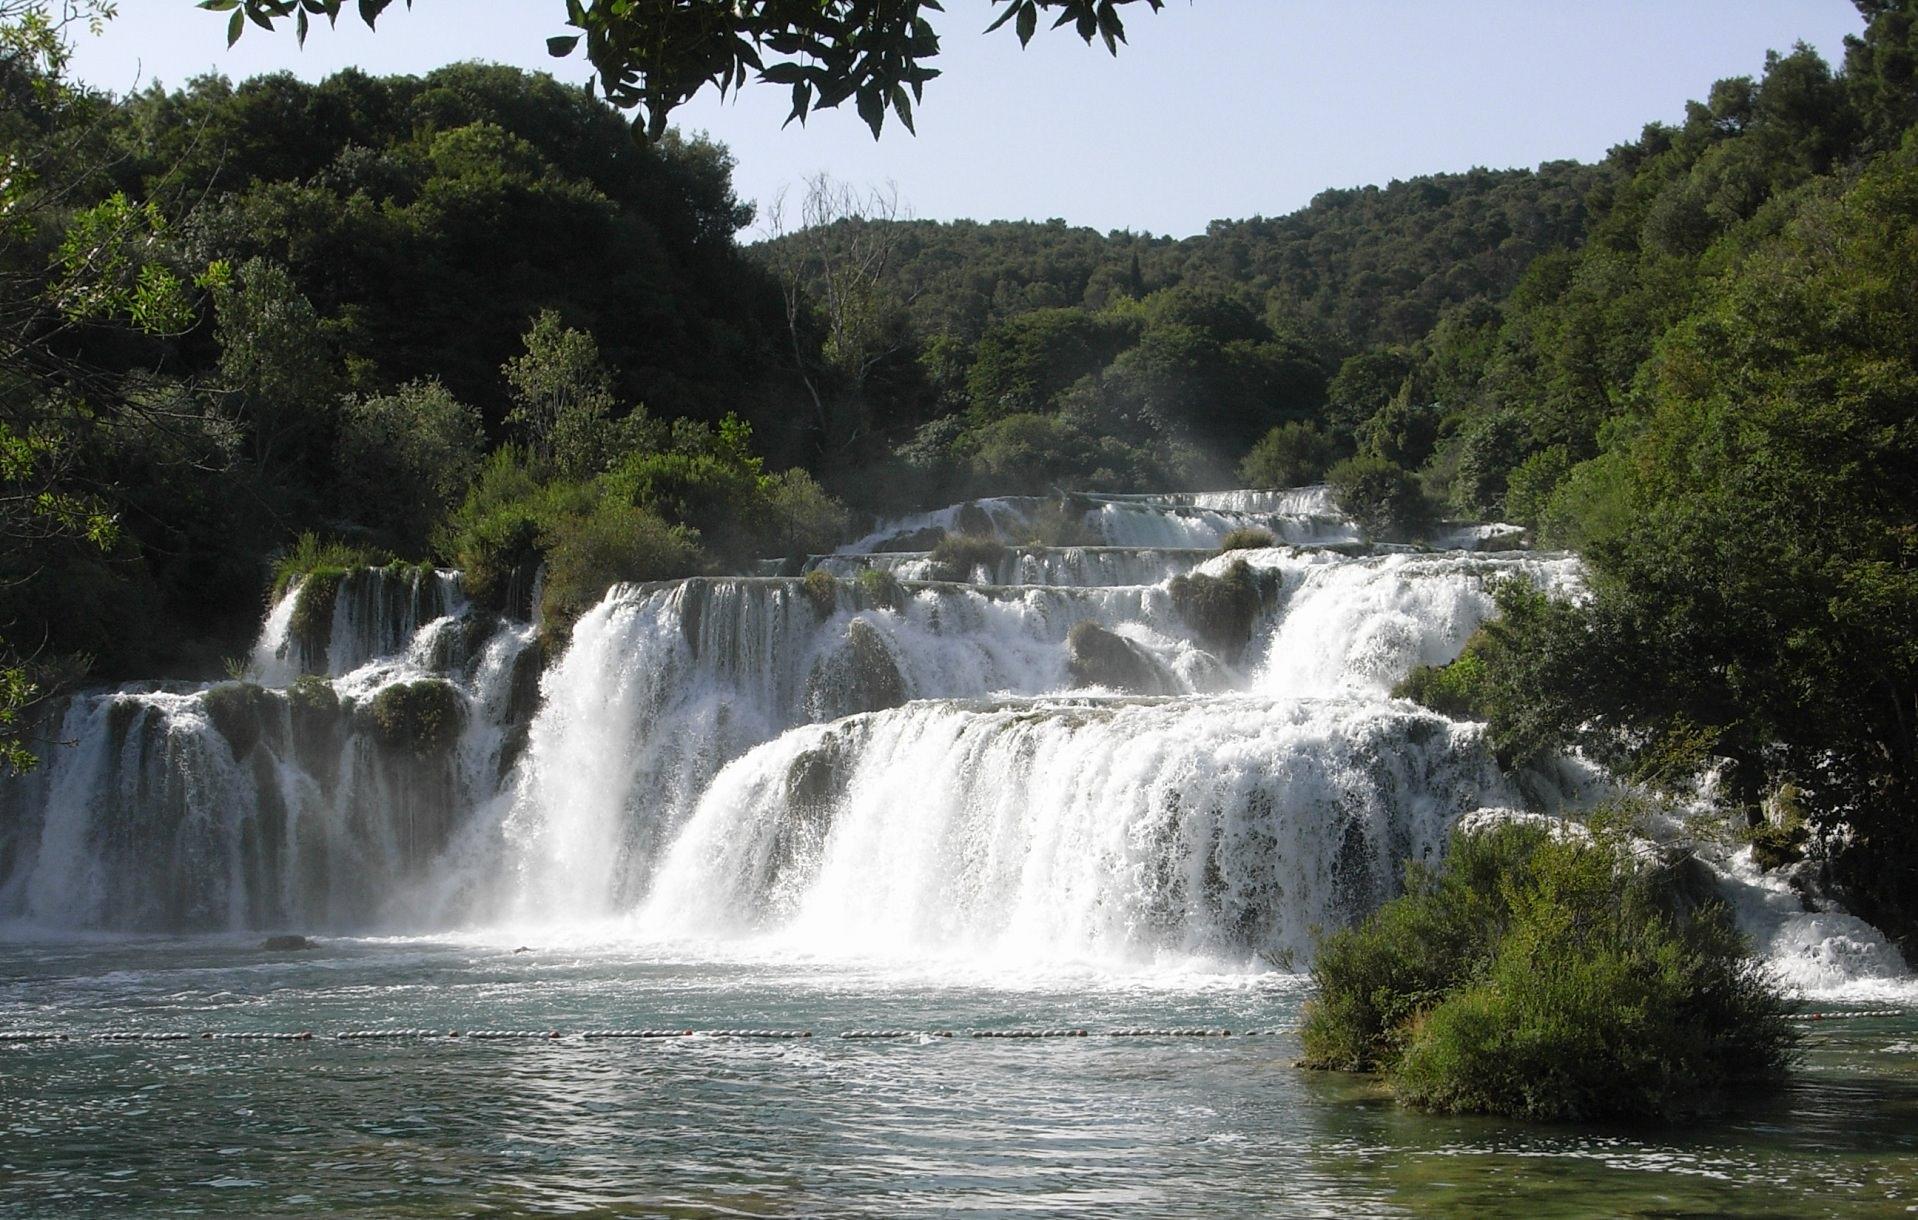 Karibische Wasserfalle fotografiert beim Segeln